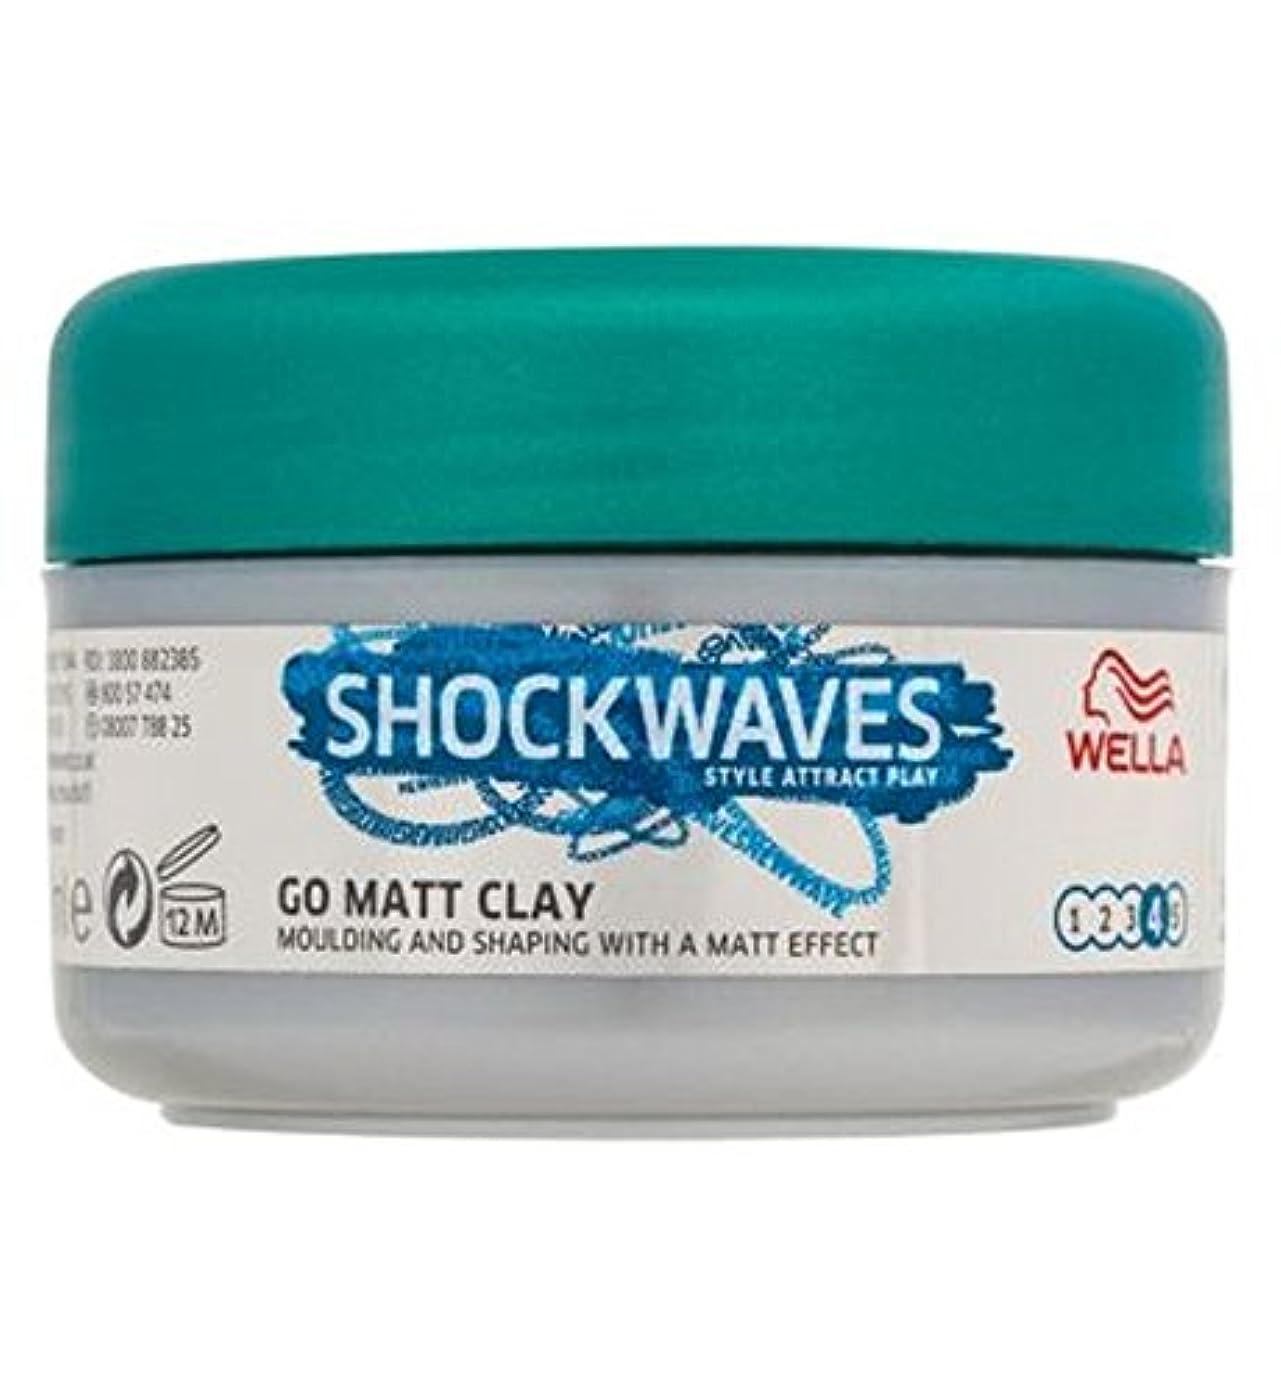 追う位置するテスピアンウエラの衝撃波の外向性はマット粘土75ミリリットルを行きます (Wella Shockwaves) (x2) - Wella Shockwaves Extrovert Go Matt Clay 75ml (Pack of...